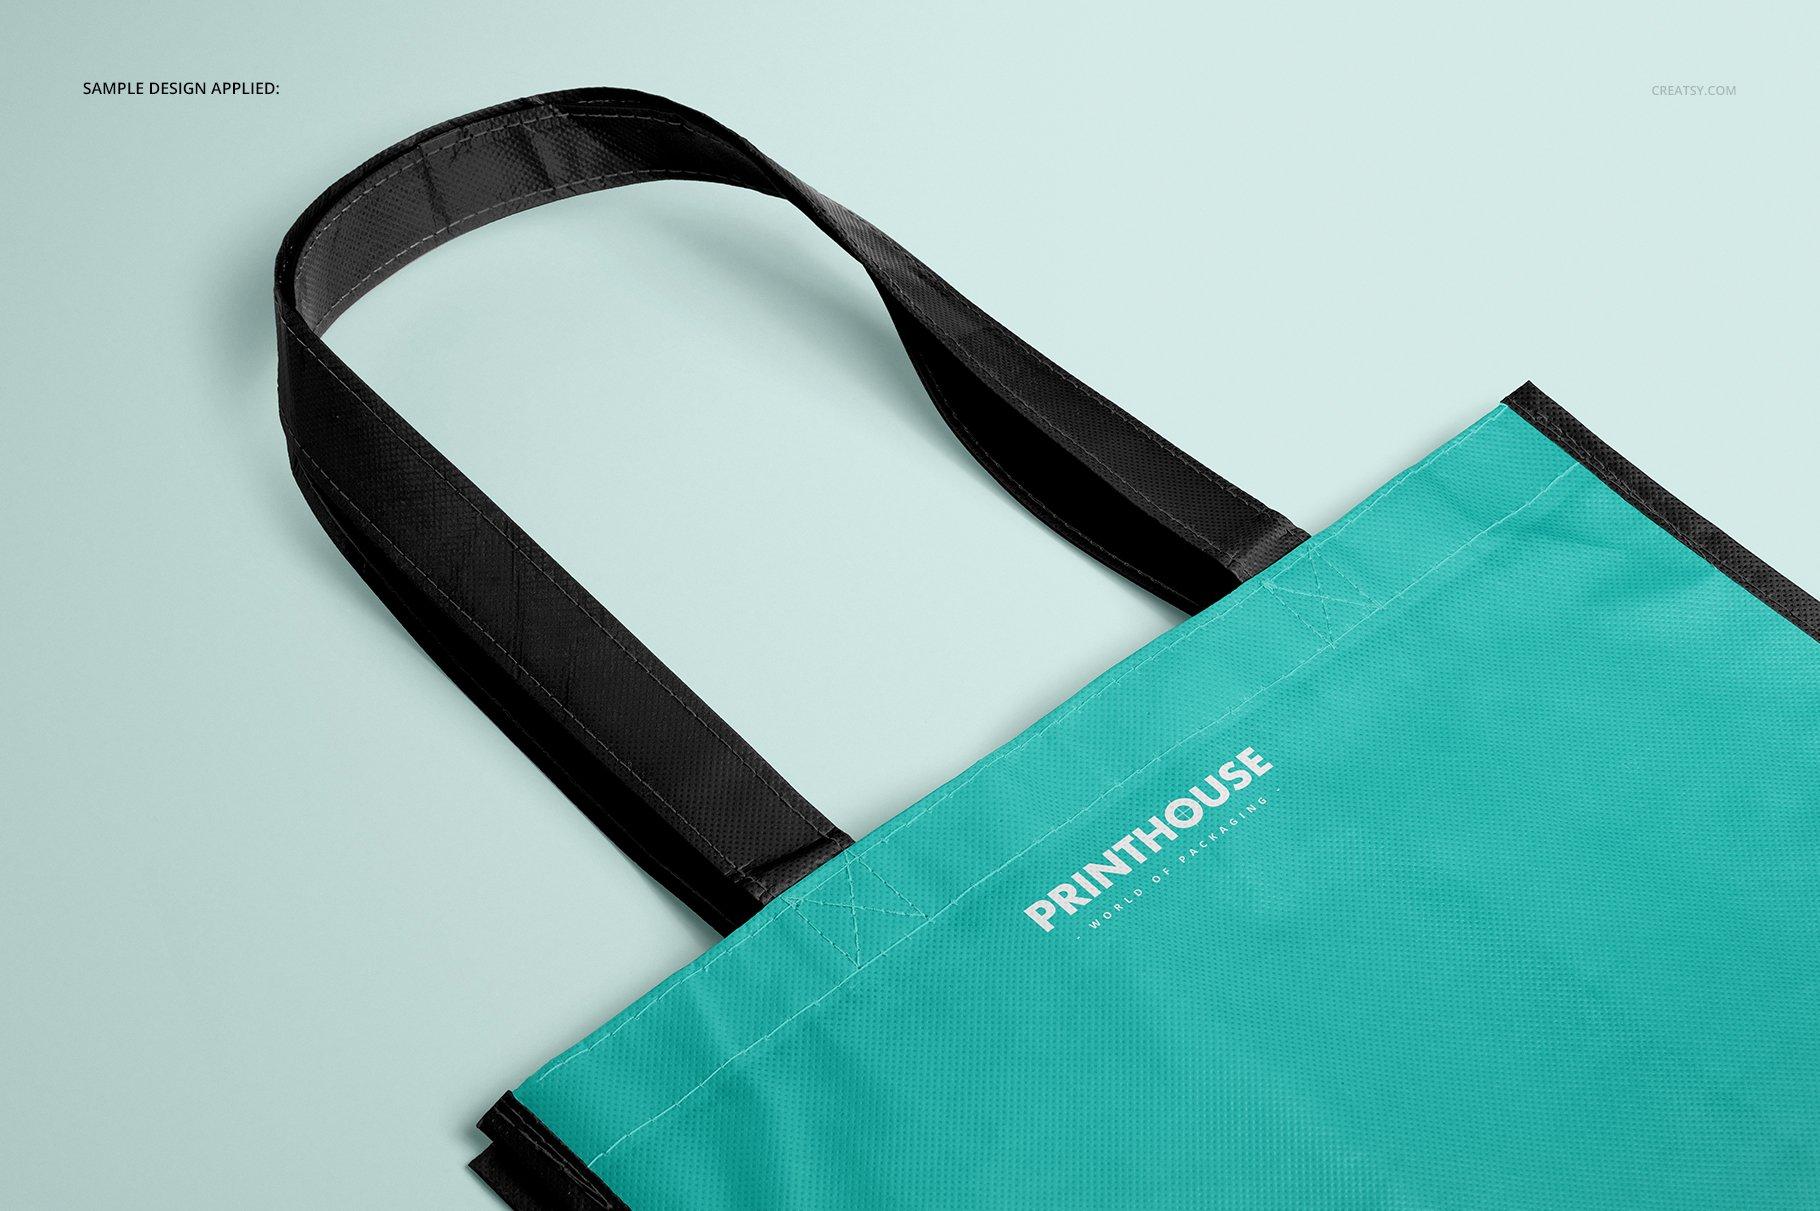 层压无纺布购物手提袋设计贴图样机模板套装 Laminated Non-Woven Bag Mockups 03插图(7)